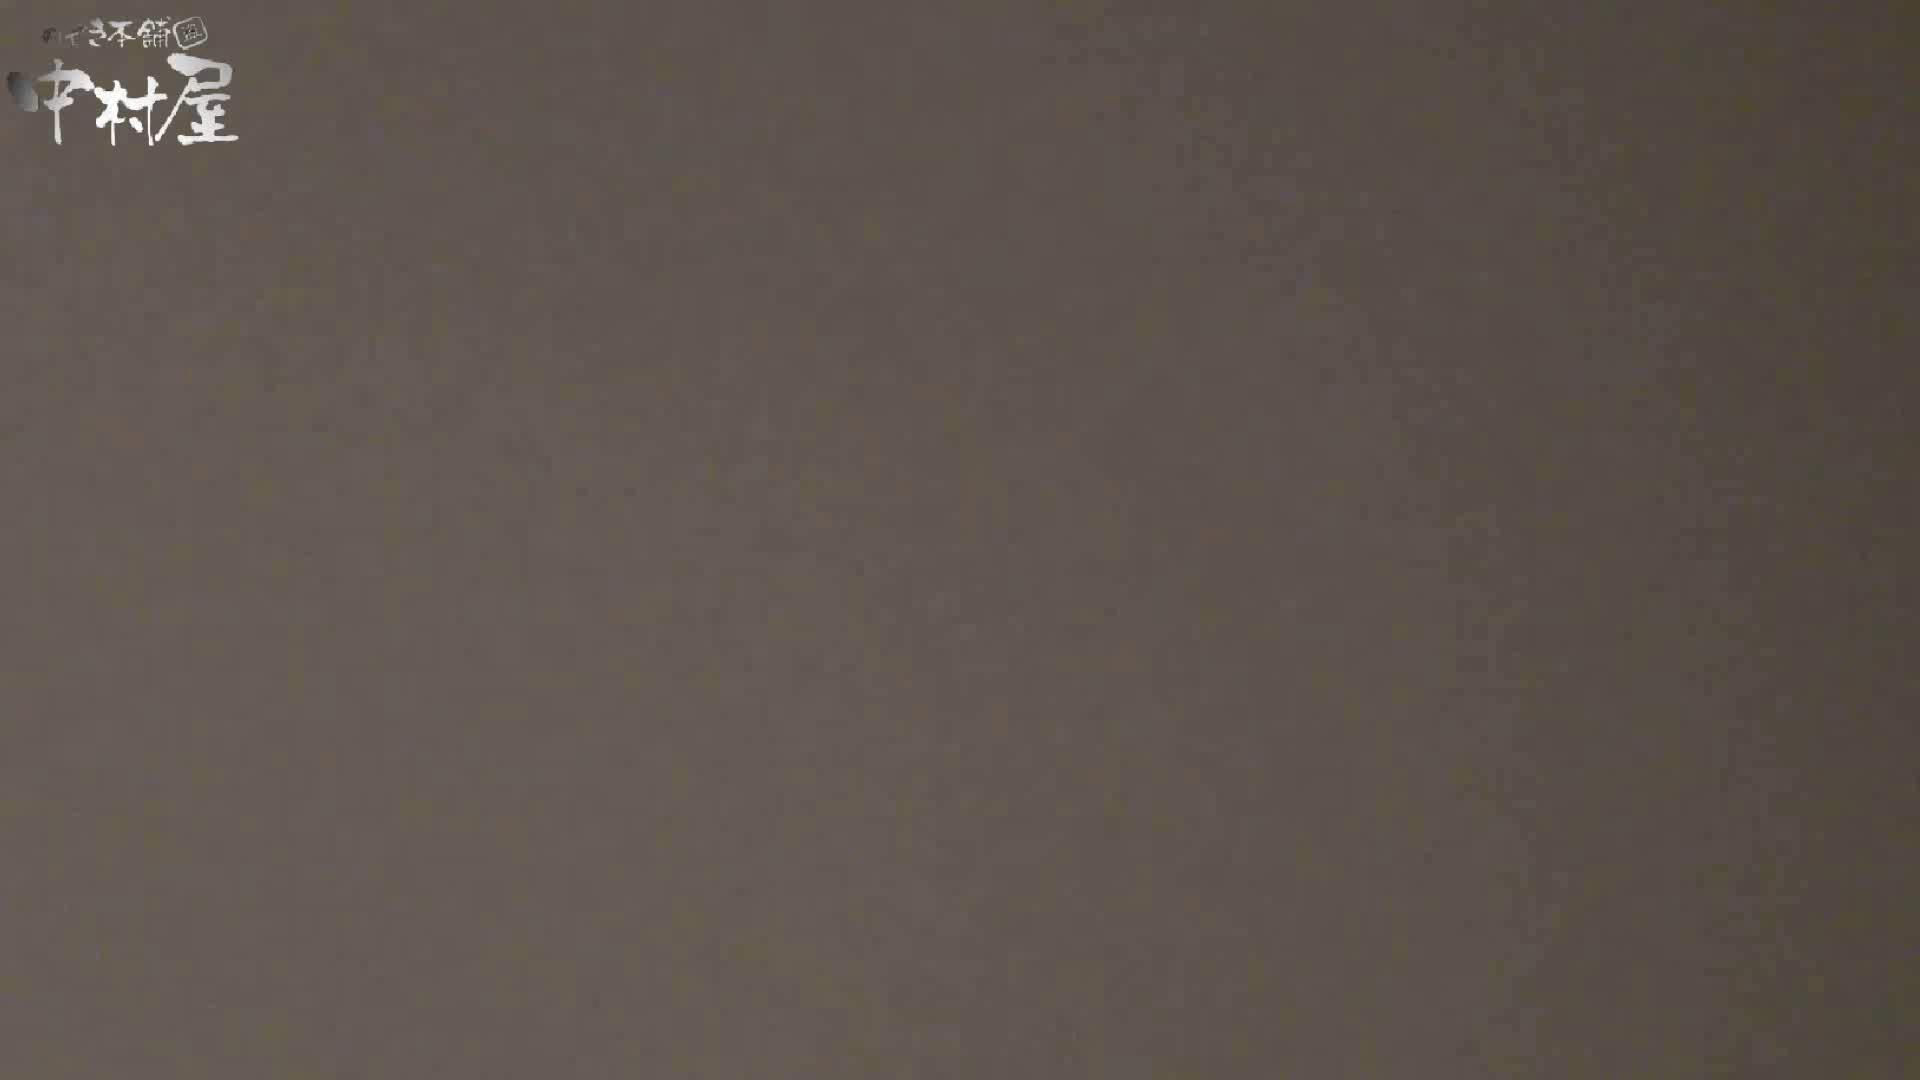 部活女子トイレ潜入編vol.5 美しいOLの裸体 のぞき動画画像 107pic 2